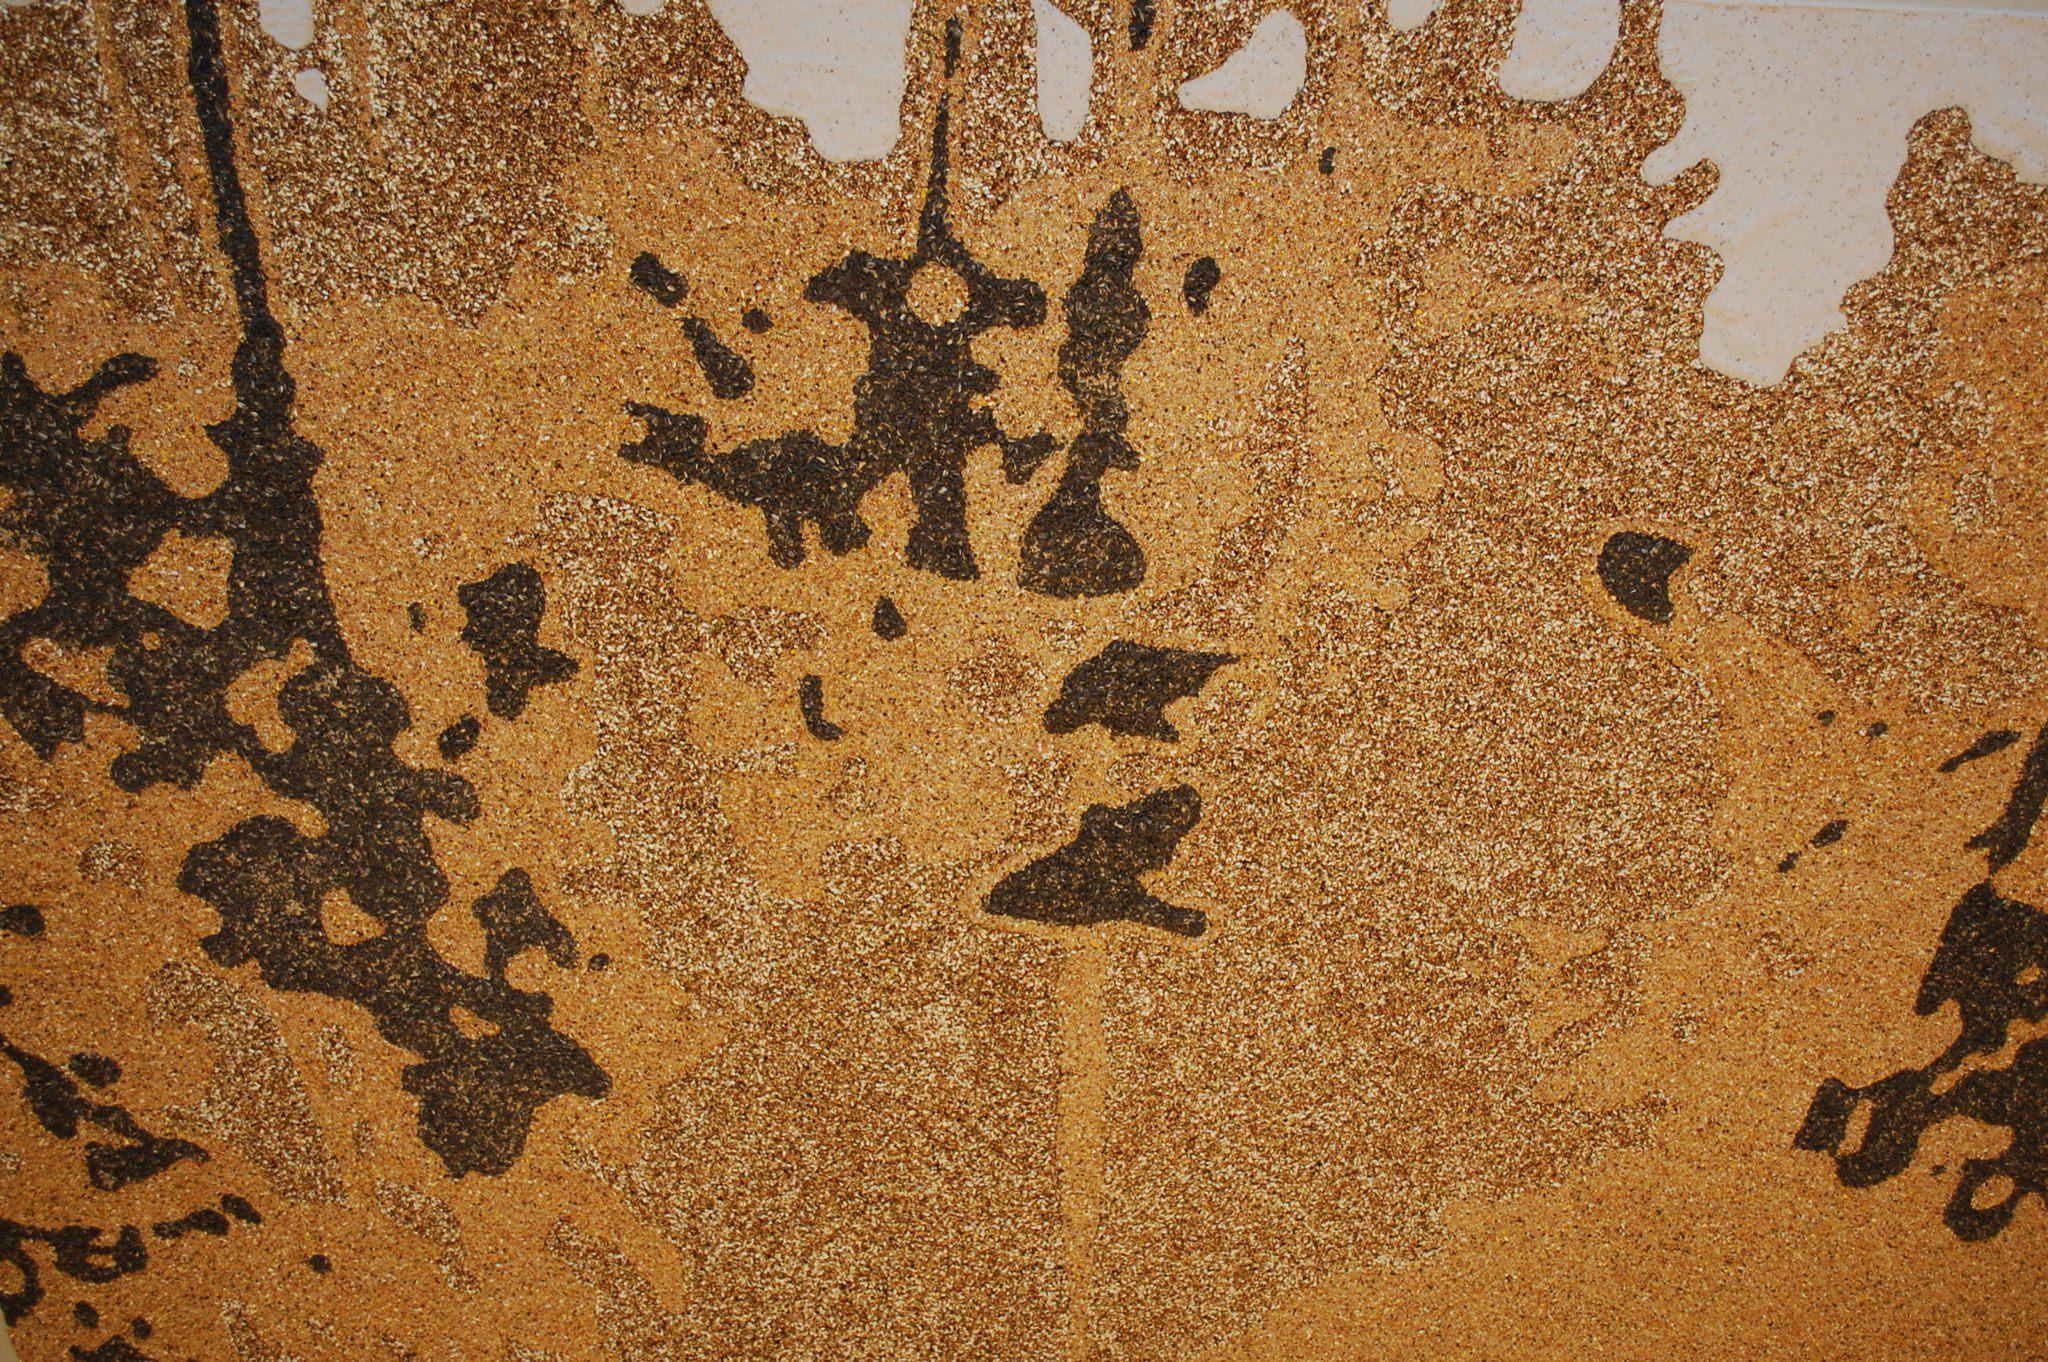 'Reflectie' ca.3x4m. Vogelvoederzaad, mozaïek van zaden, detail